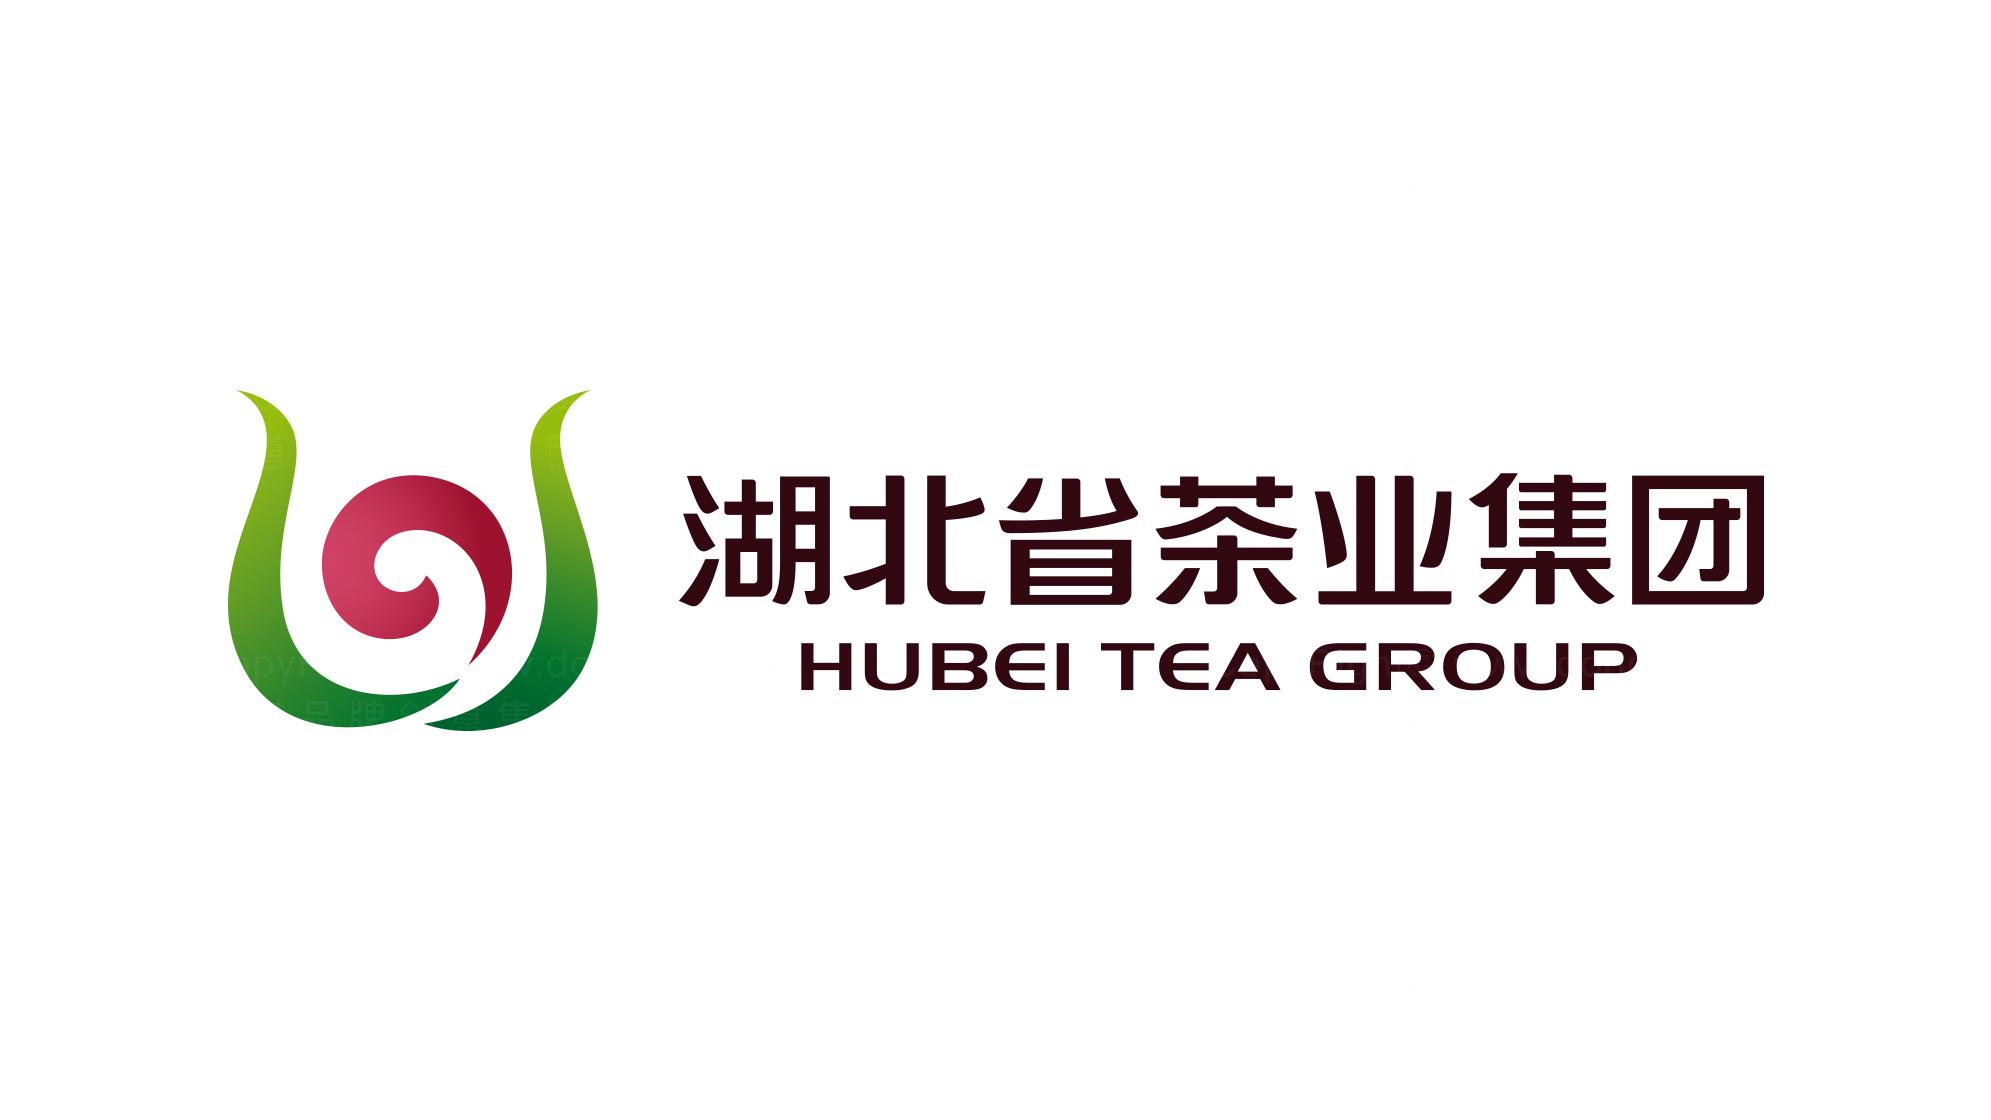 快速消费品牌设计湖北茶业LOGO&VI设计